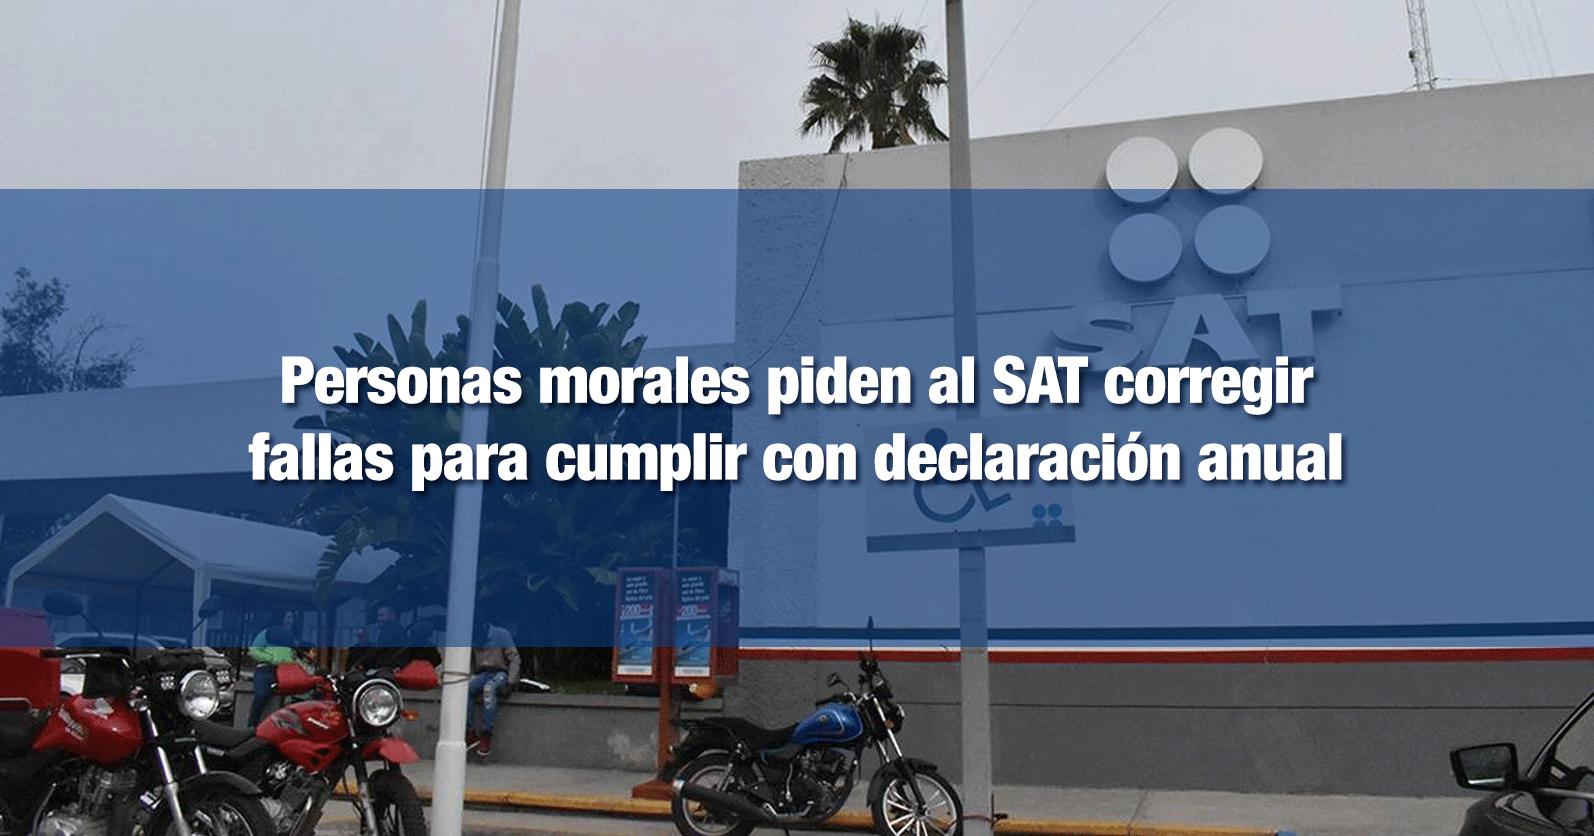 Personas morales piden al SAT corregir fallas para cumplir con declaración anual